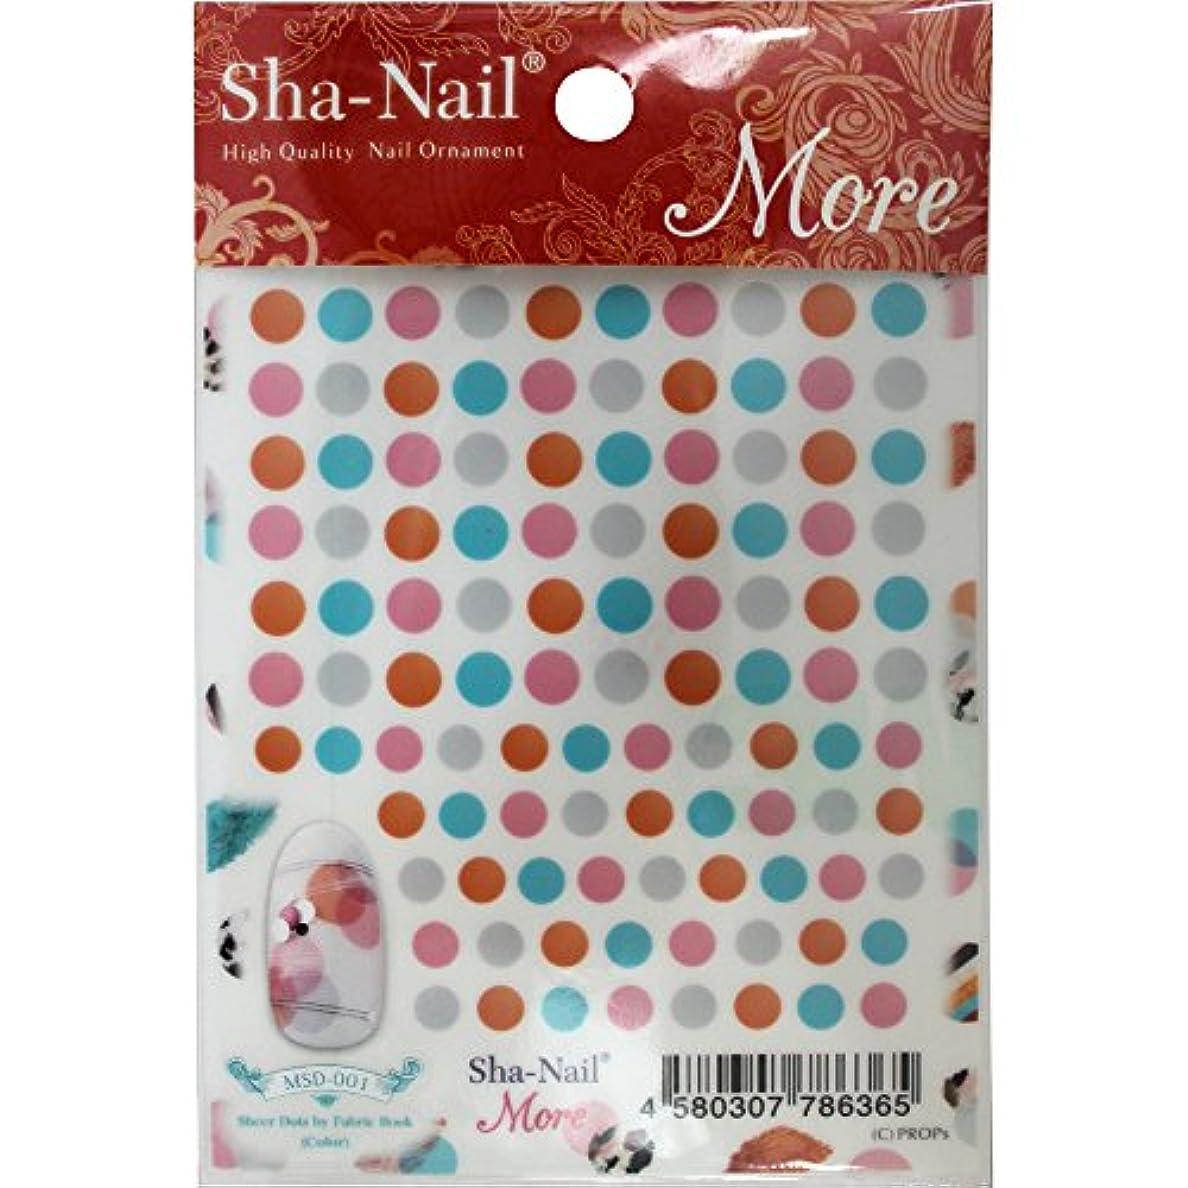 王族混沌磁気Sha-Nail More ネイルシール シアードット(カラー) MSD-001 アート材